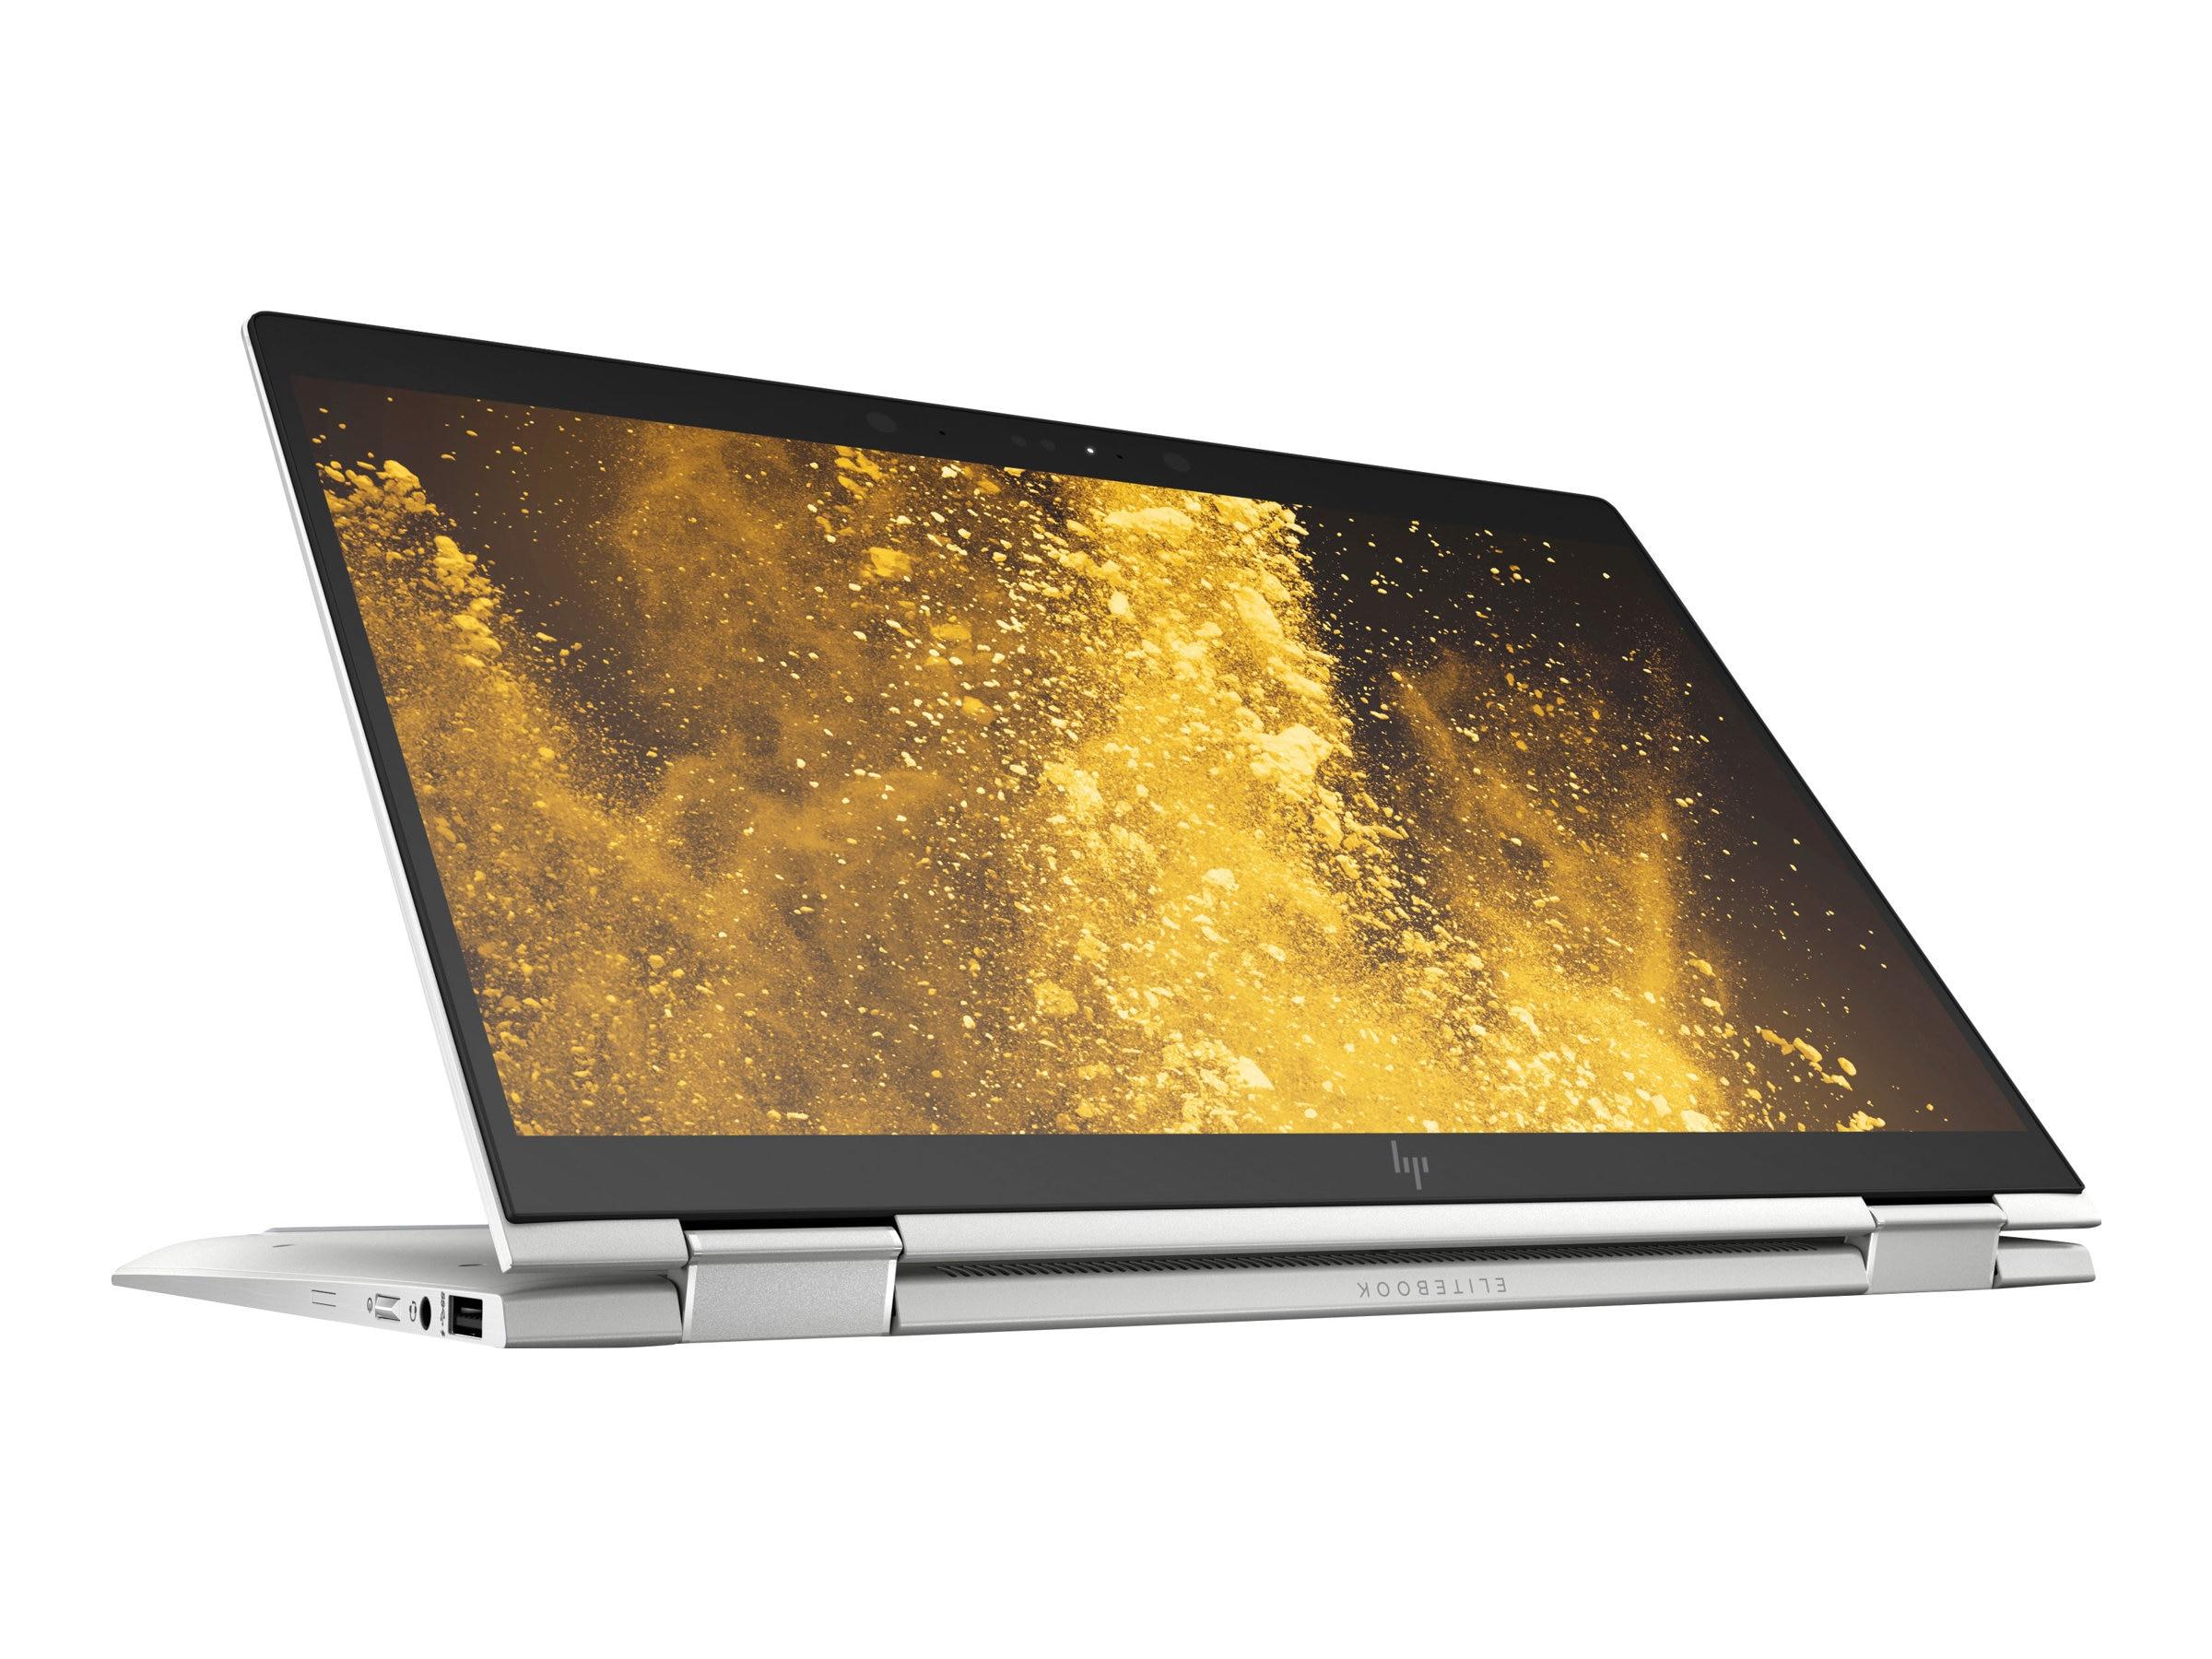 HP EliteBook x360 1030 G3 Core i5-8350U 1 7GHz 8GB 256GB SED ac BT LTE FR  WC 13 3